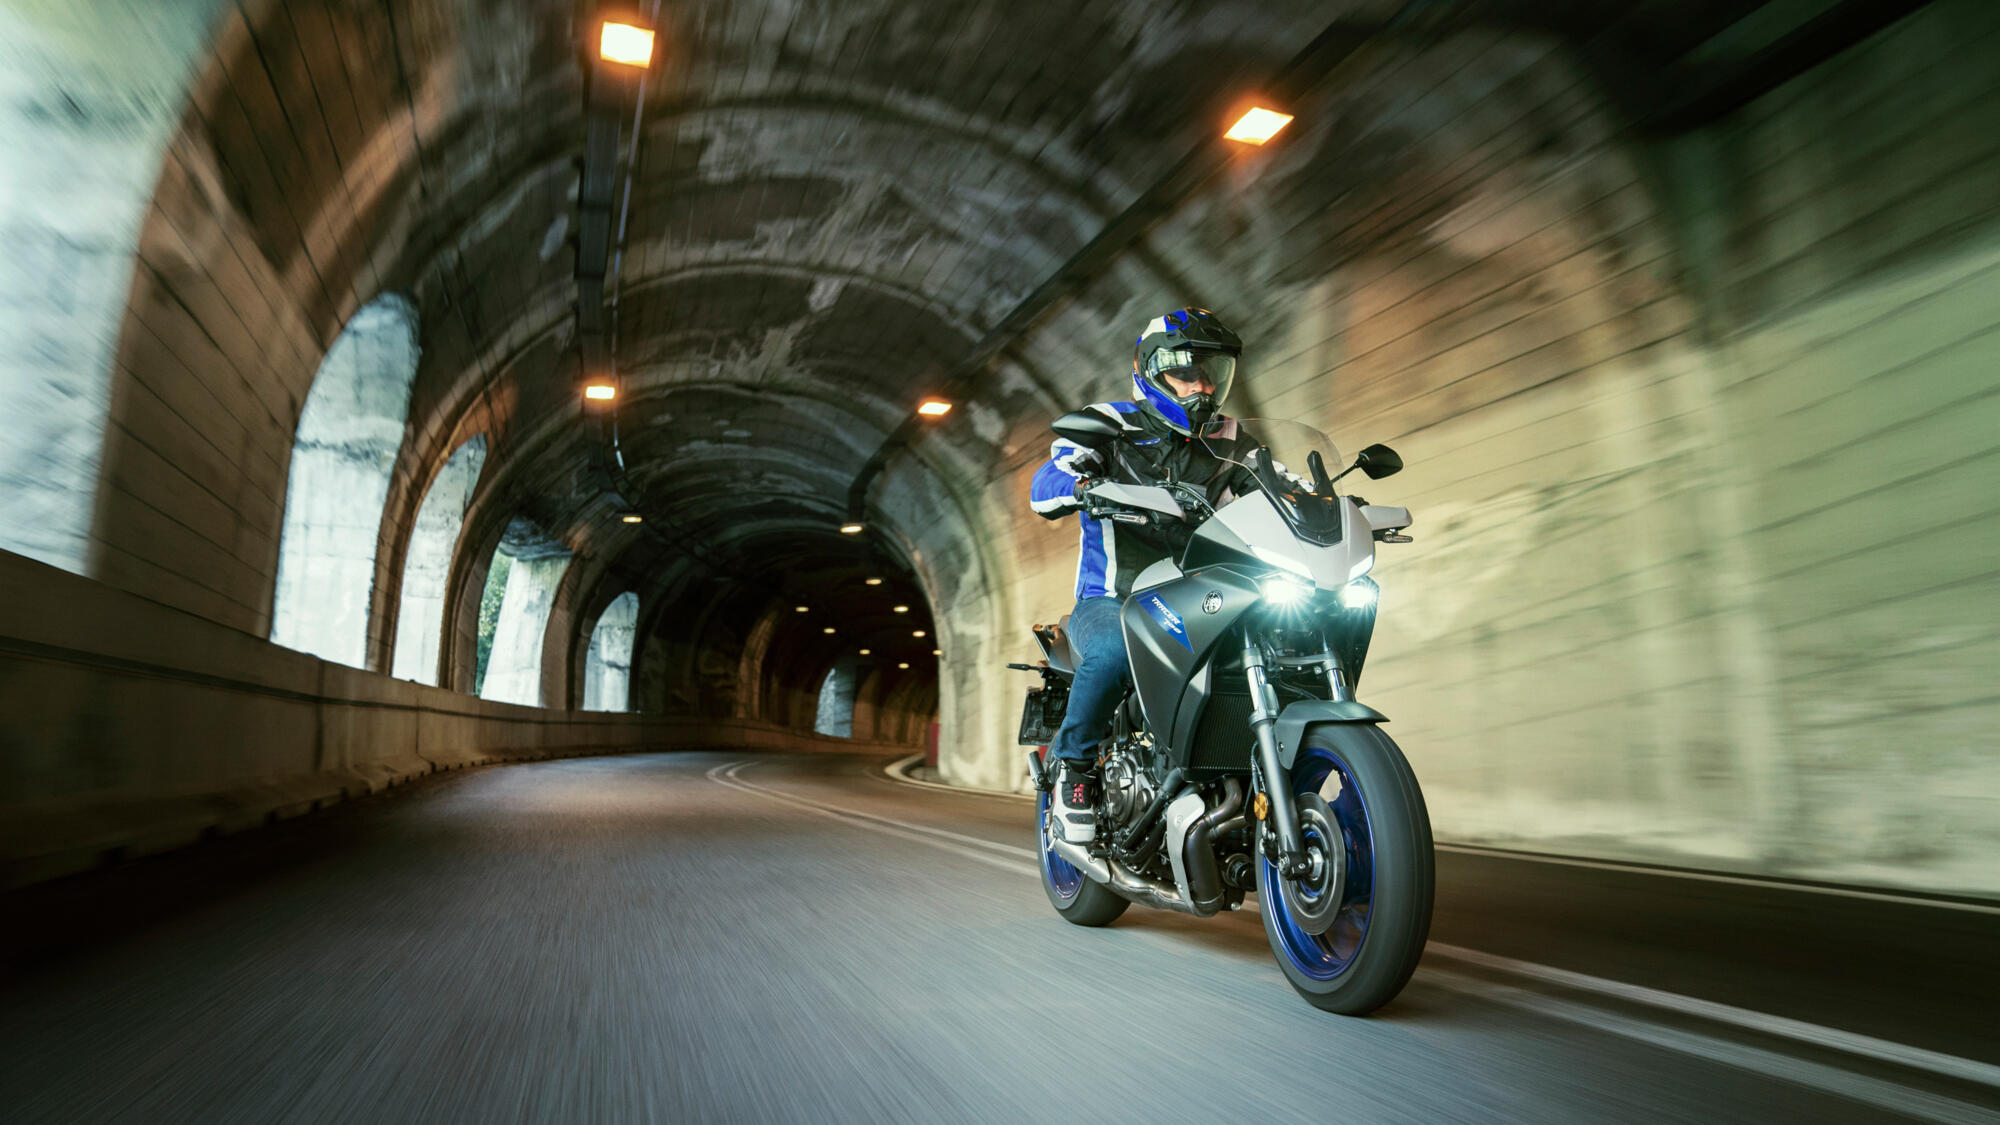 Yamaha Tracer 700 model 2020 | MotorCentrumWest